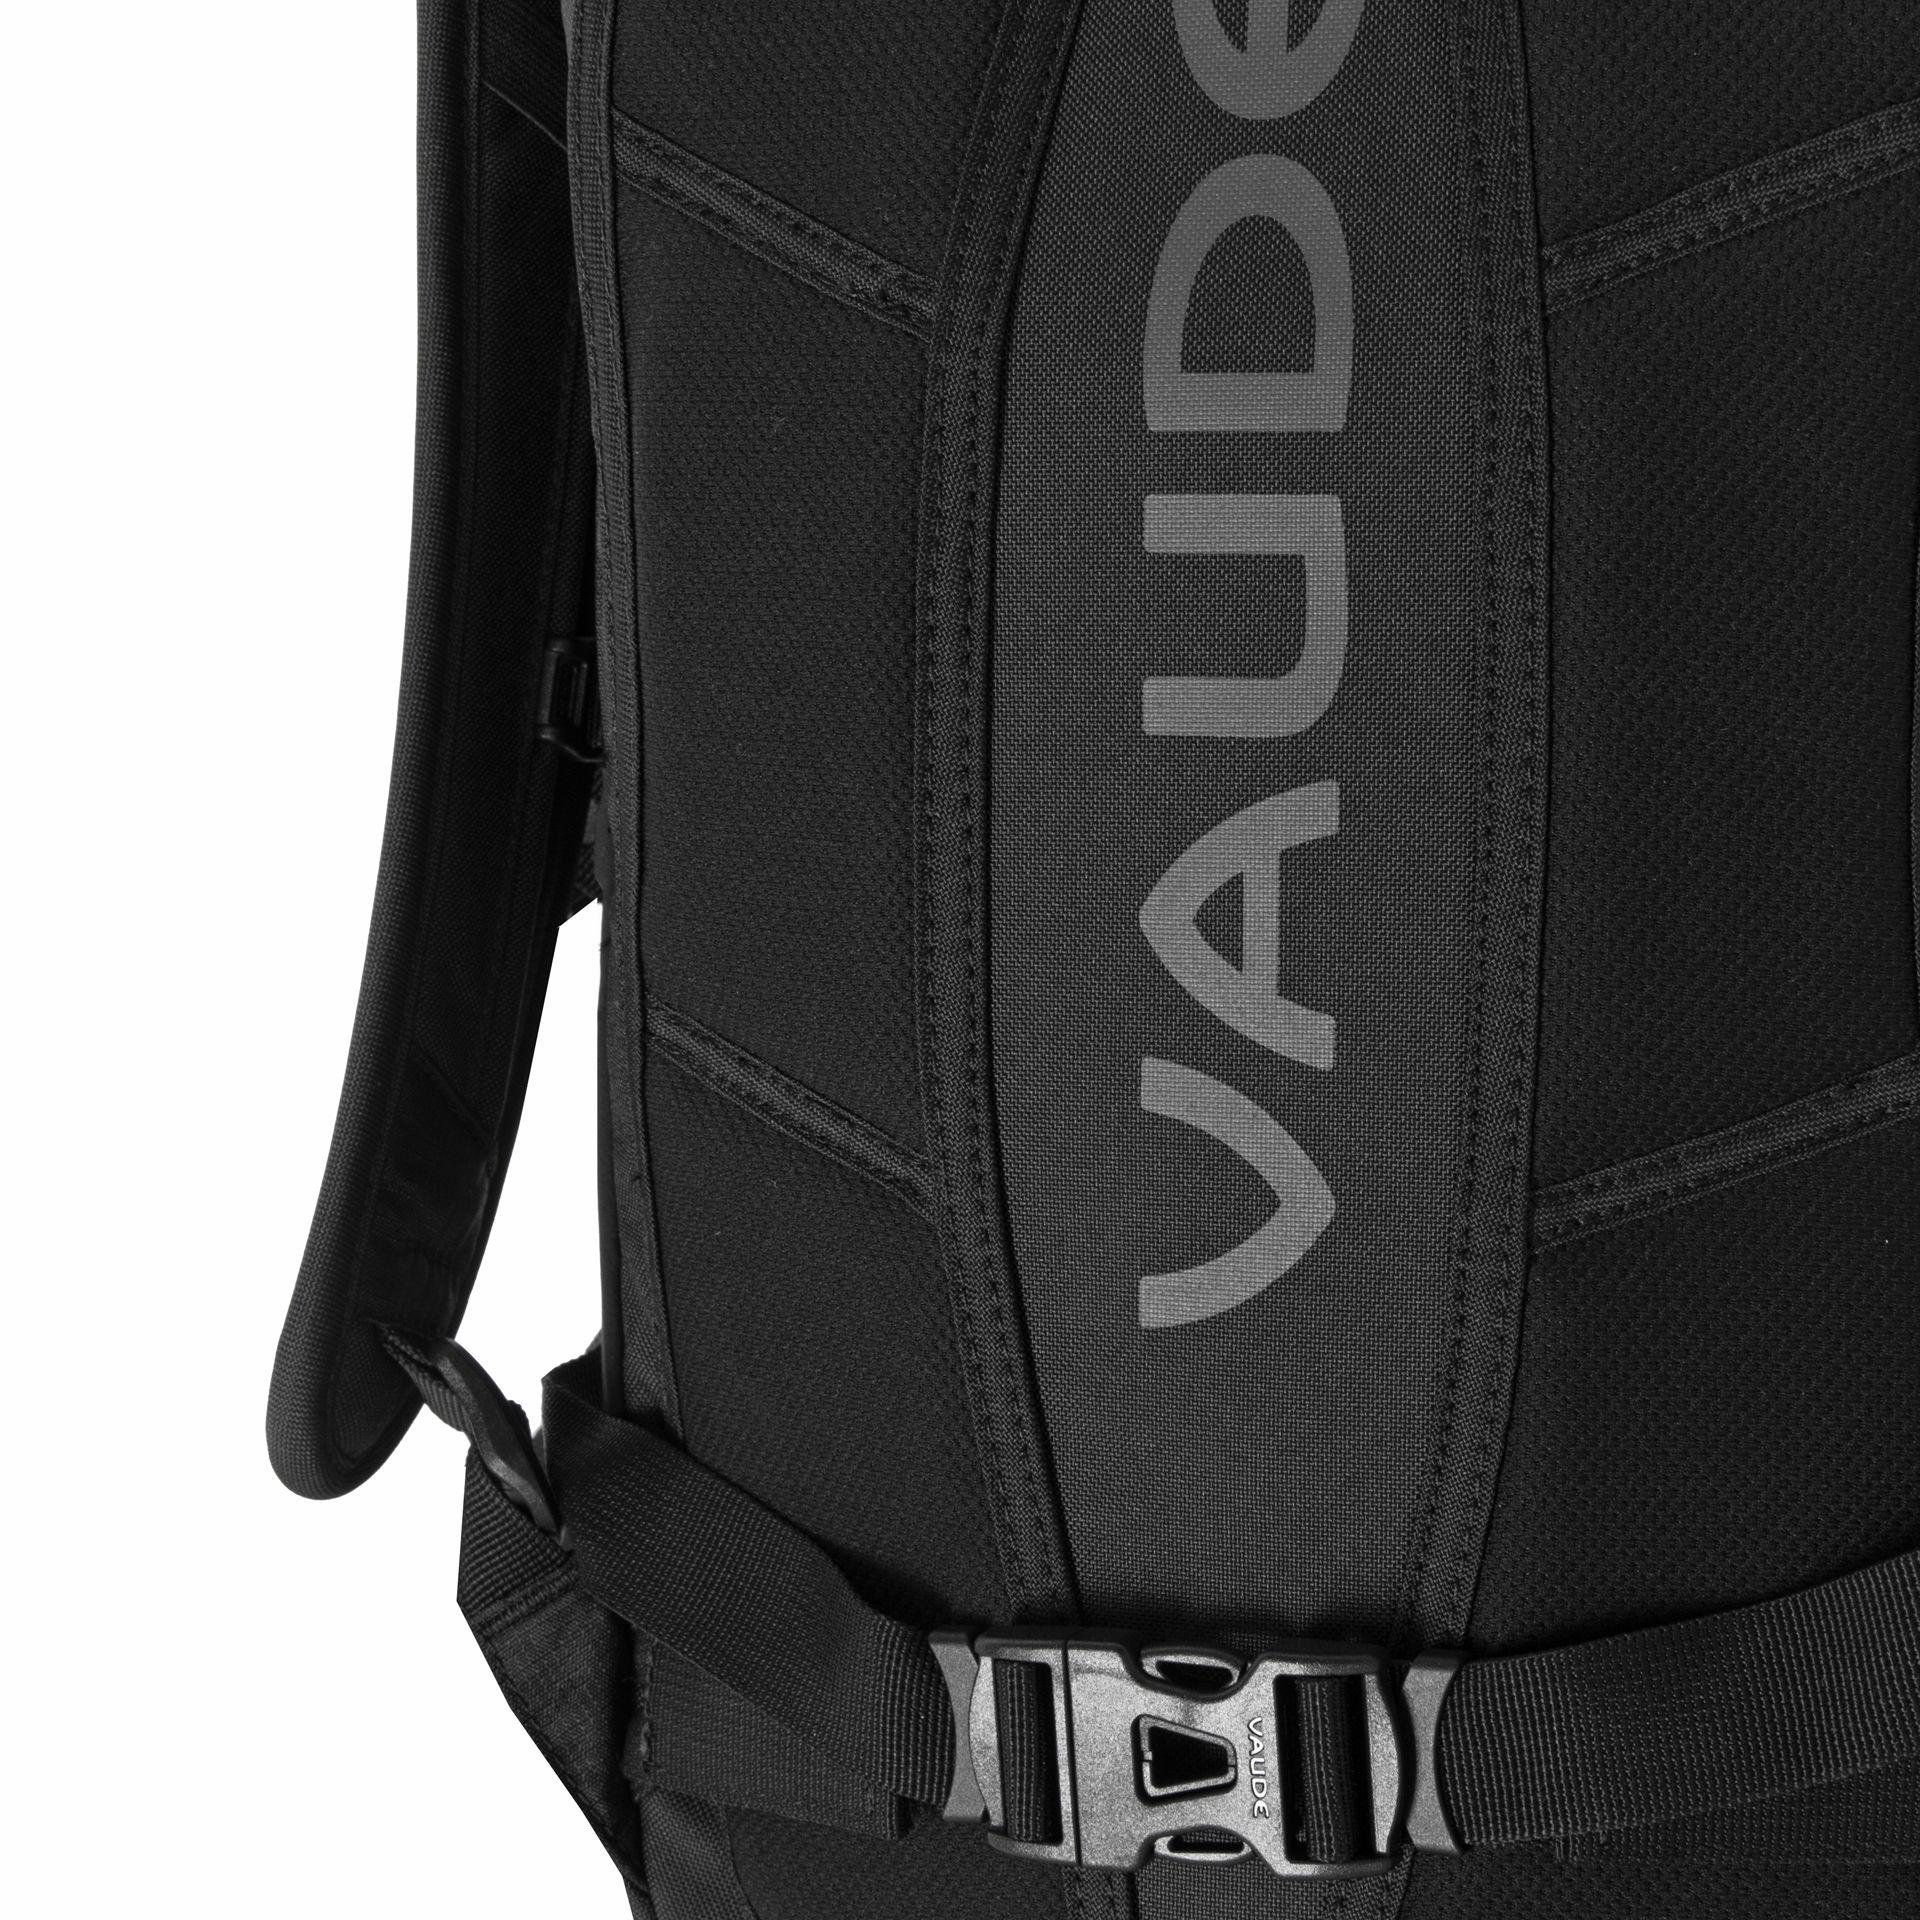 Vaude Tecolog II 14 Black Kompaktný batoh vhodný na šport aj bežné denné nosenie.- veľký hlavný priestor- predné vrecko na zips- polstrovaný chrbtový systém- ramenné popruhy s dostatočnou ventiláciou- hrudný popruh- odnímateľný bedrový pás- reflexné prvky- krúžok na kľúče- možnosť pridania hydrovaku